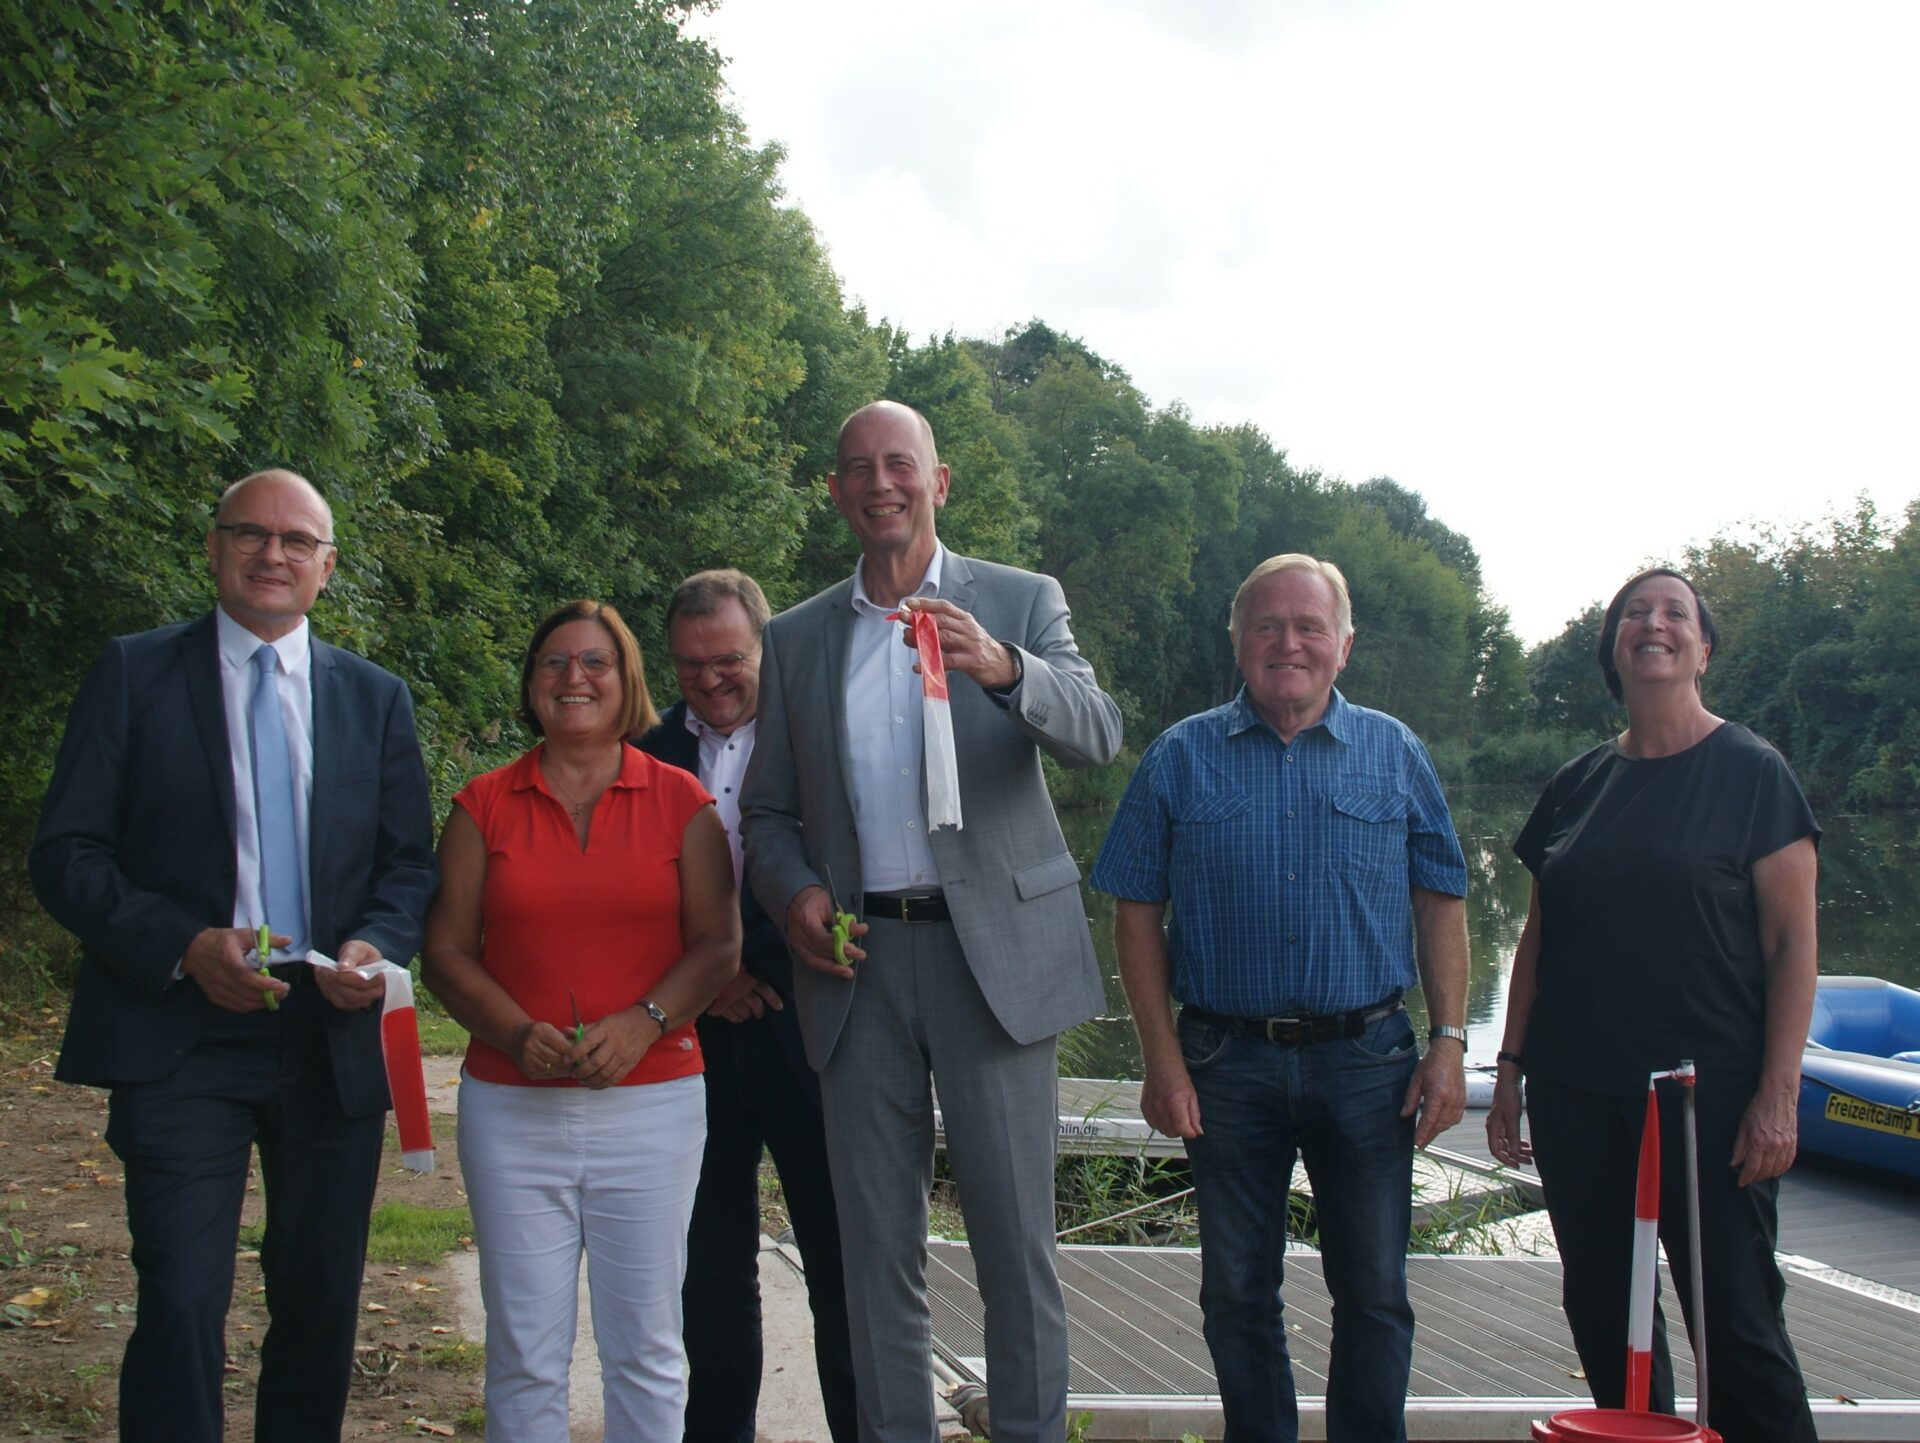 Eröffnung der neu gestalteten Wasserwander-Infrastruktur durch Thüringer Wirtschaftsminister Wolfgang Tiefensee